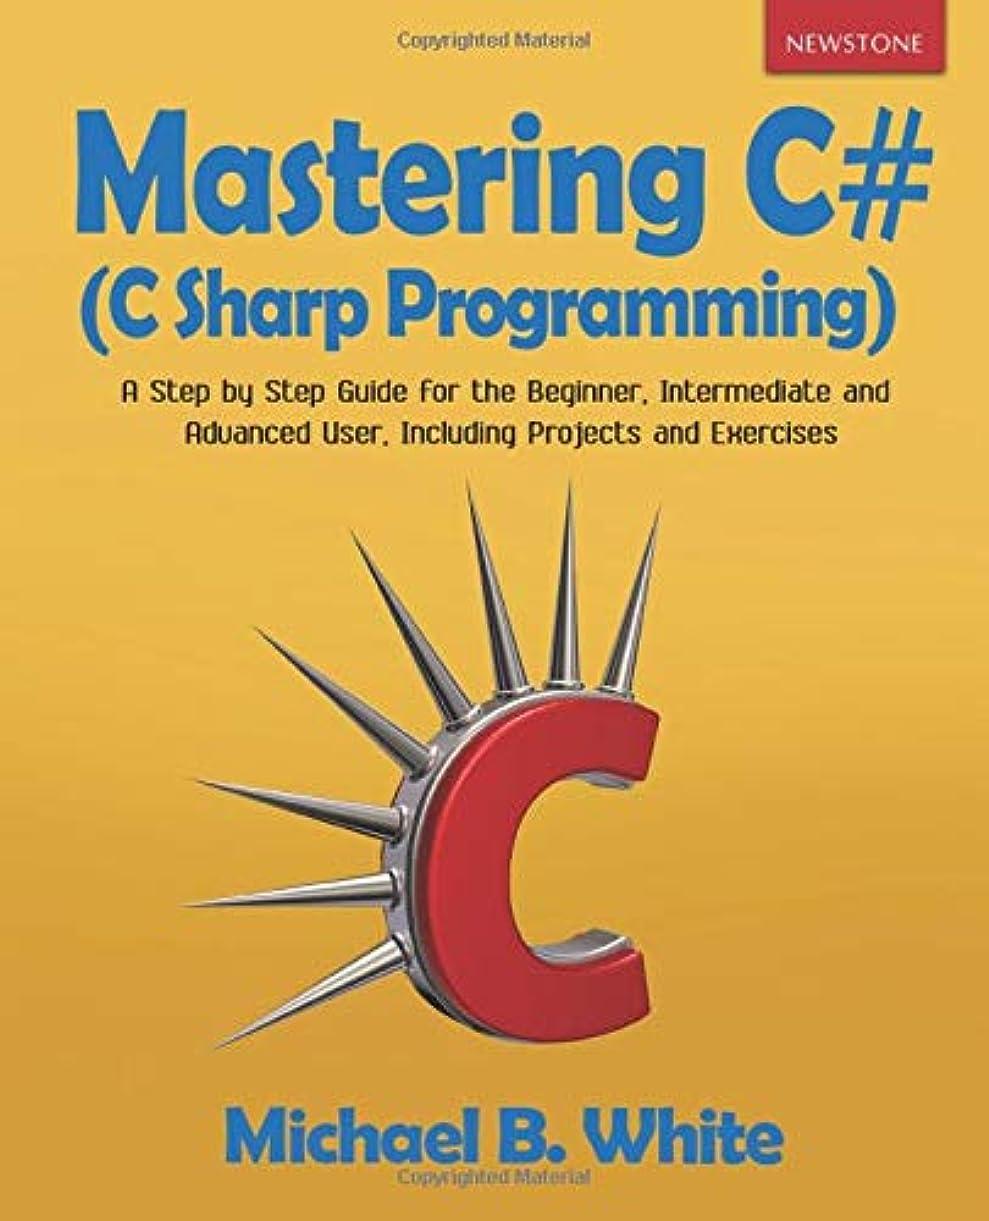 ビジョンアテンダント脳Mastering C# (C Sharp Programming): A Step by Step Guide for the Beginner, Intermediate and Advanced User, Including Projects and Exercises